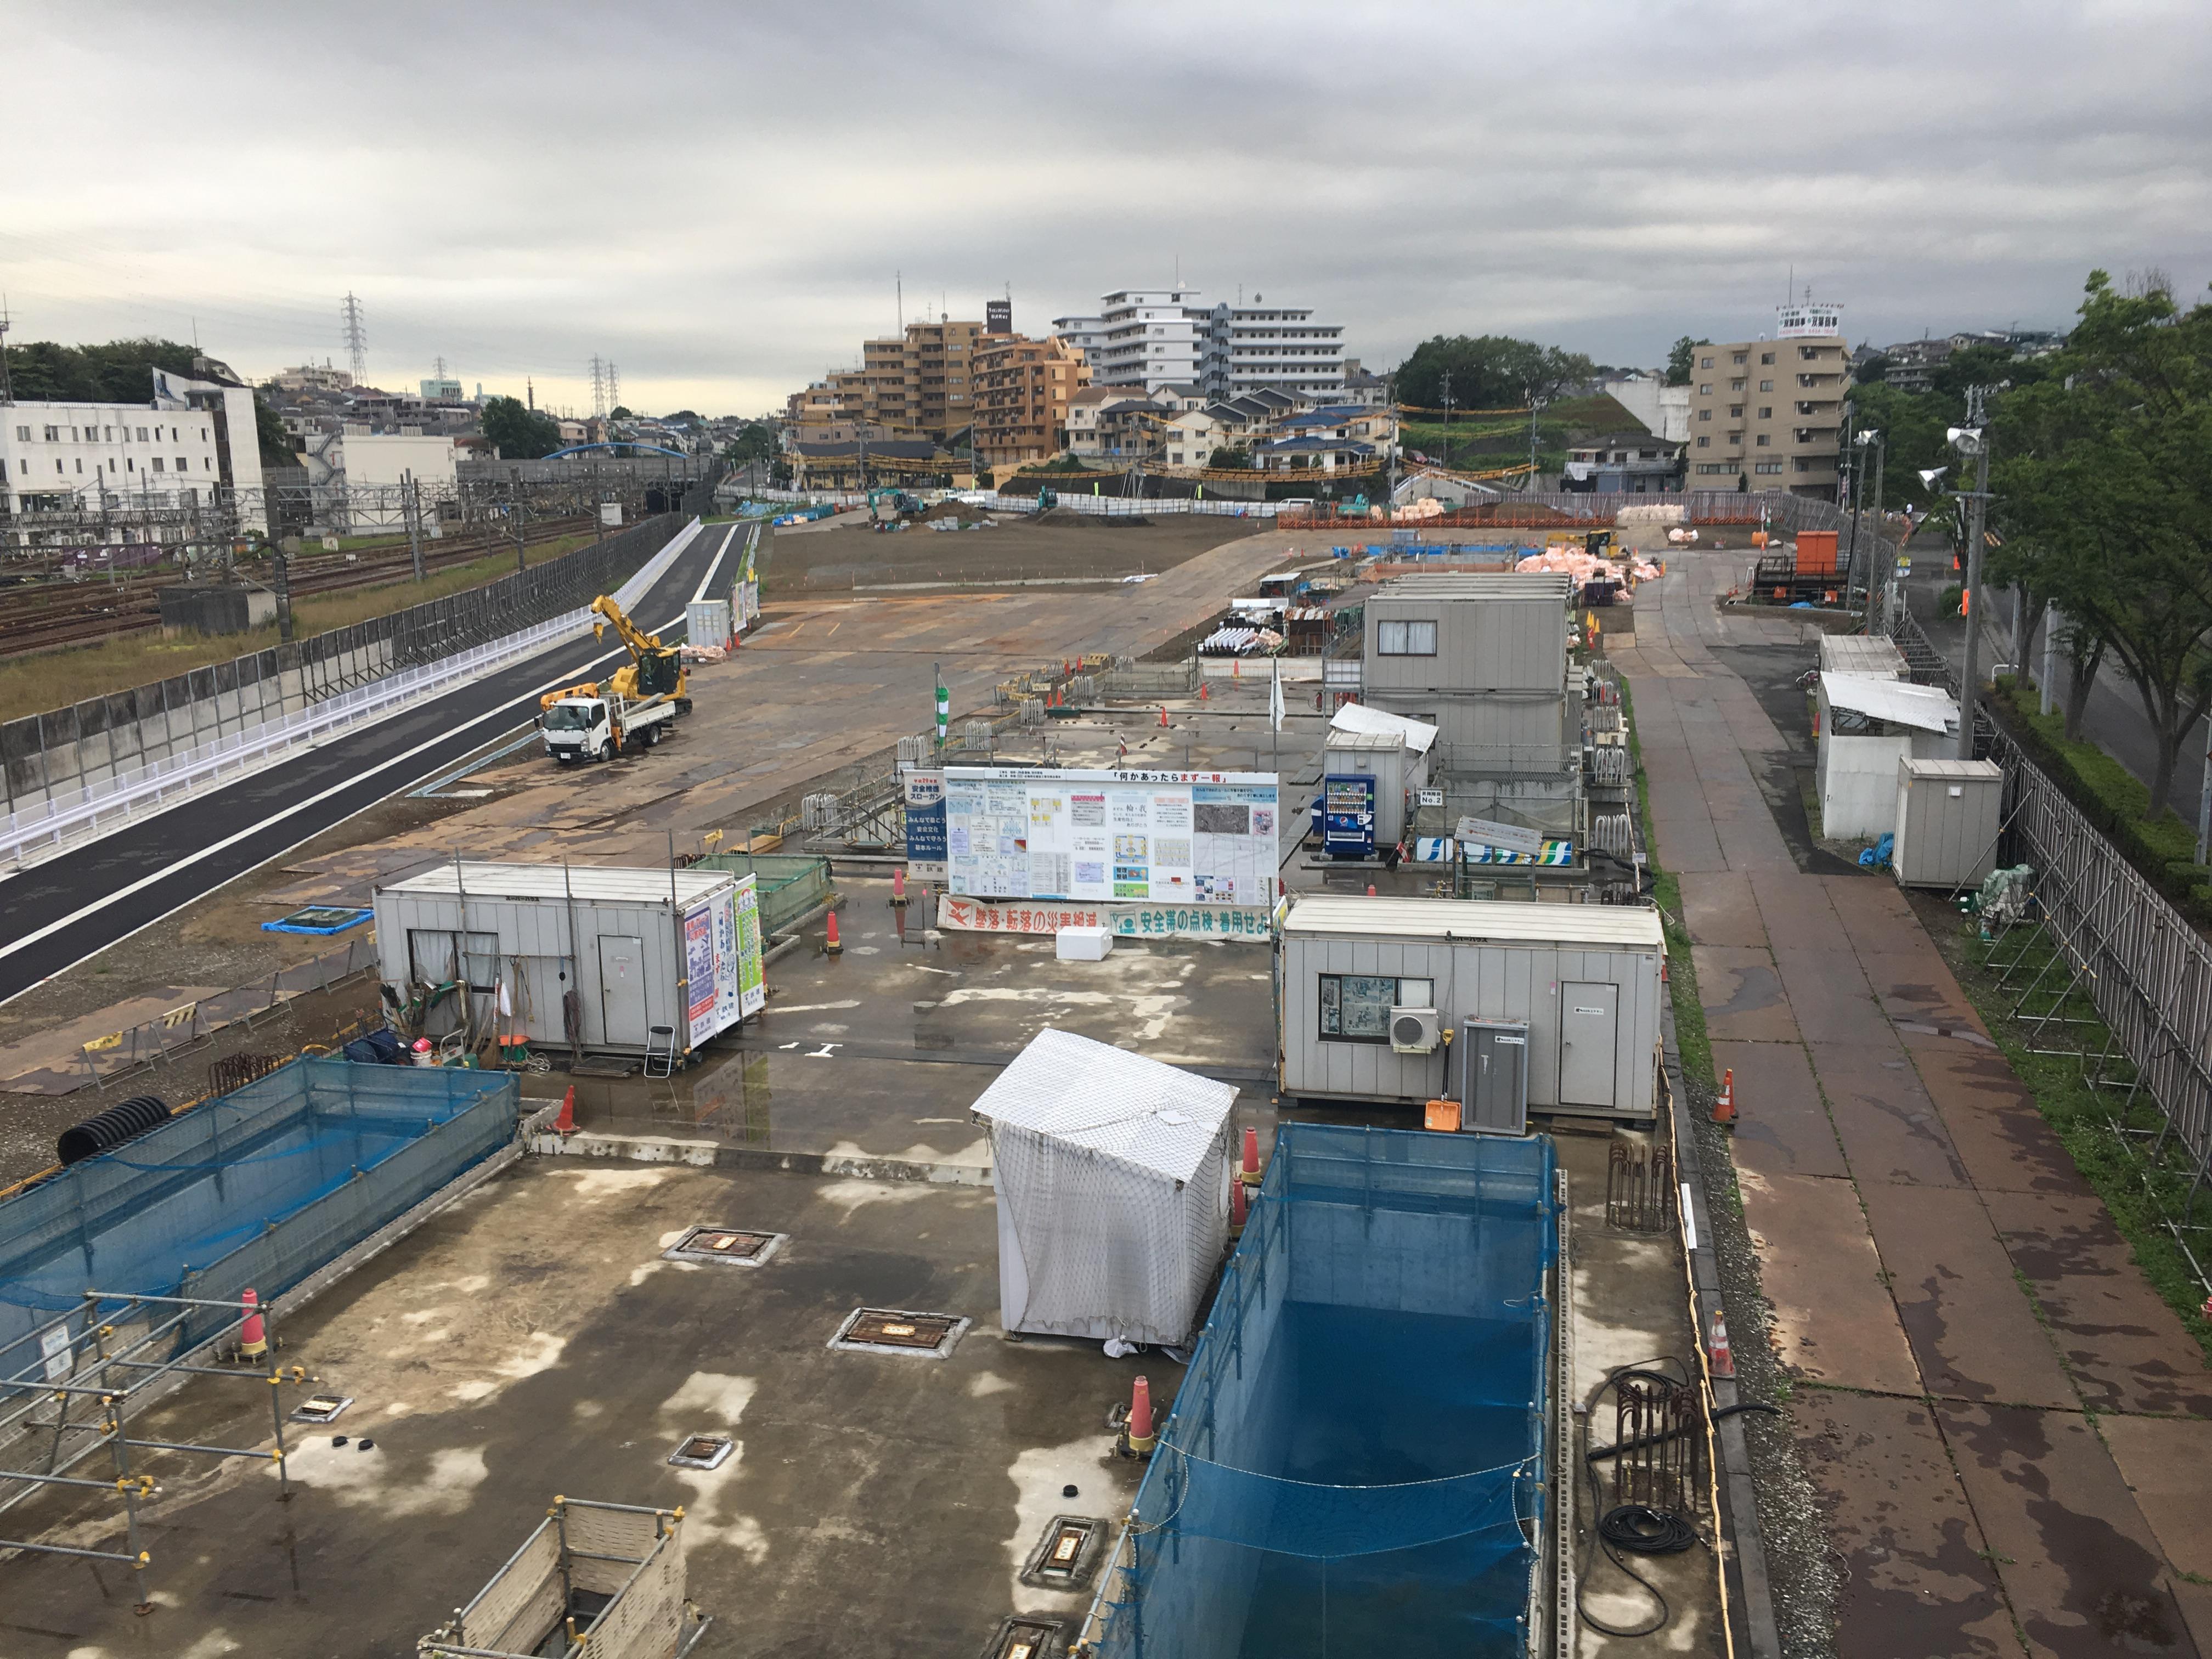 2017年7月 新駅開発状況 ※過去分投稿